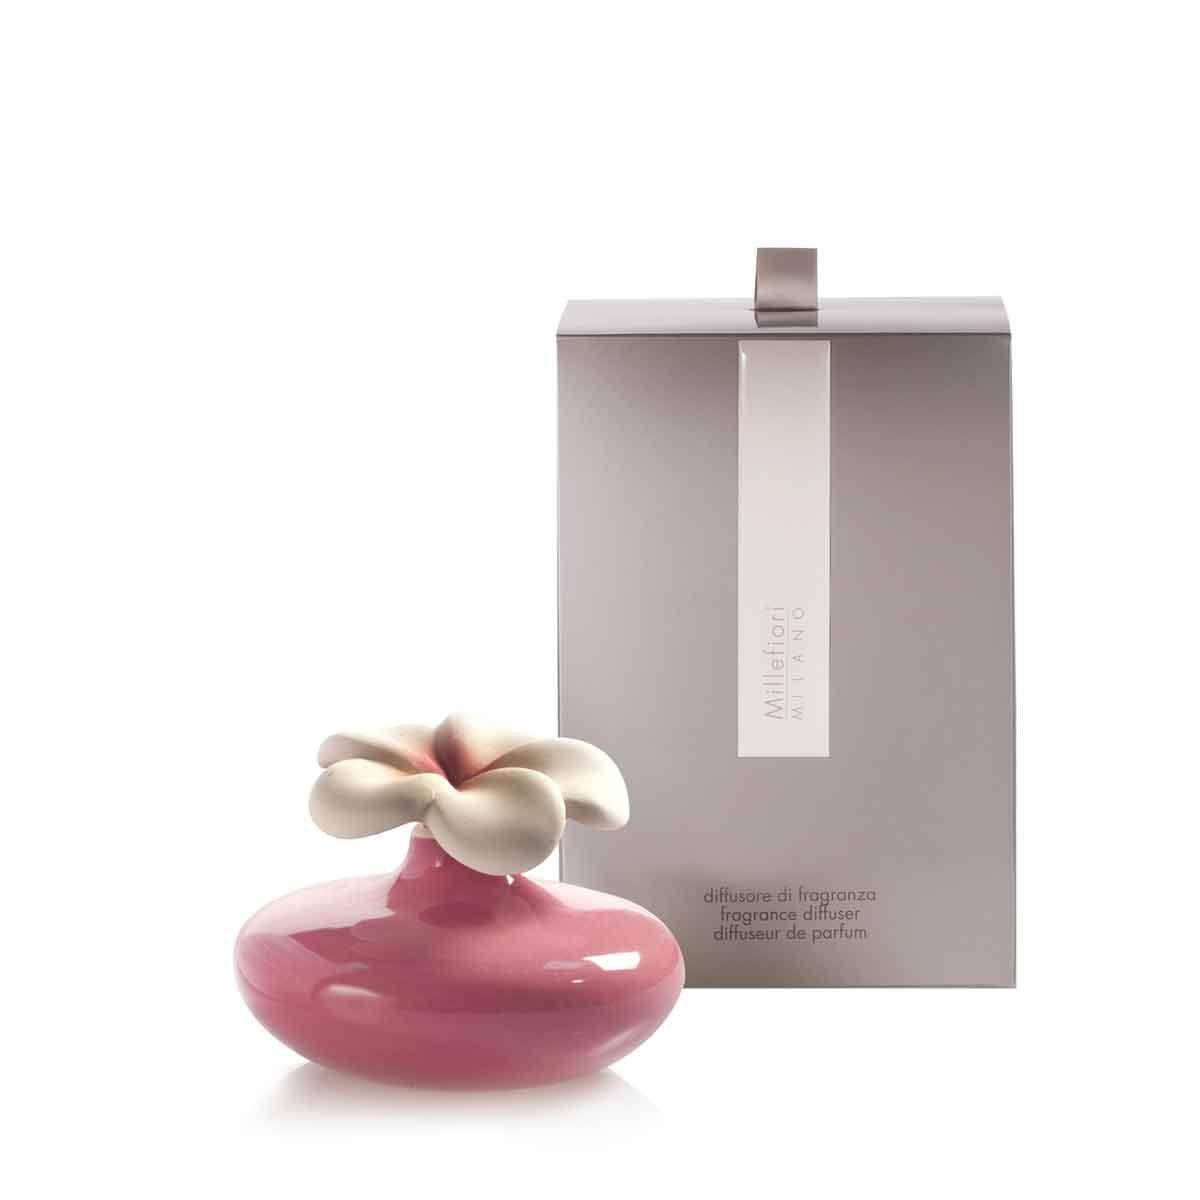 Millefiori – Diffusore di fragranza Fiore Piccolo